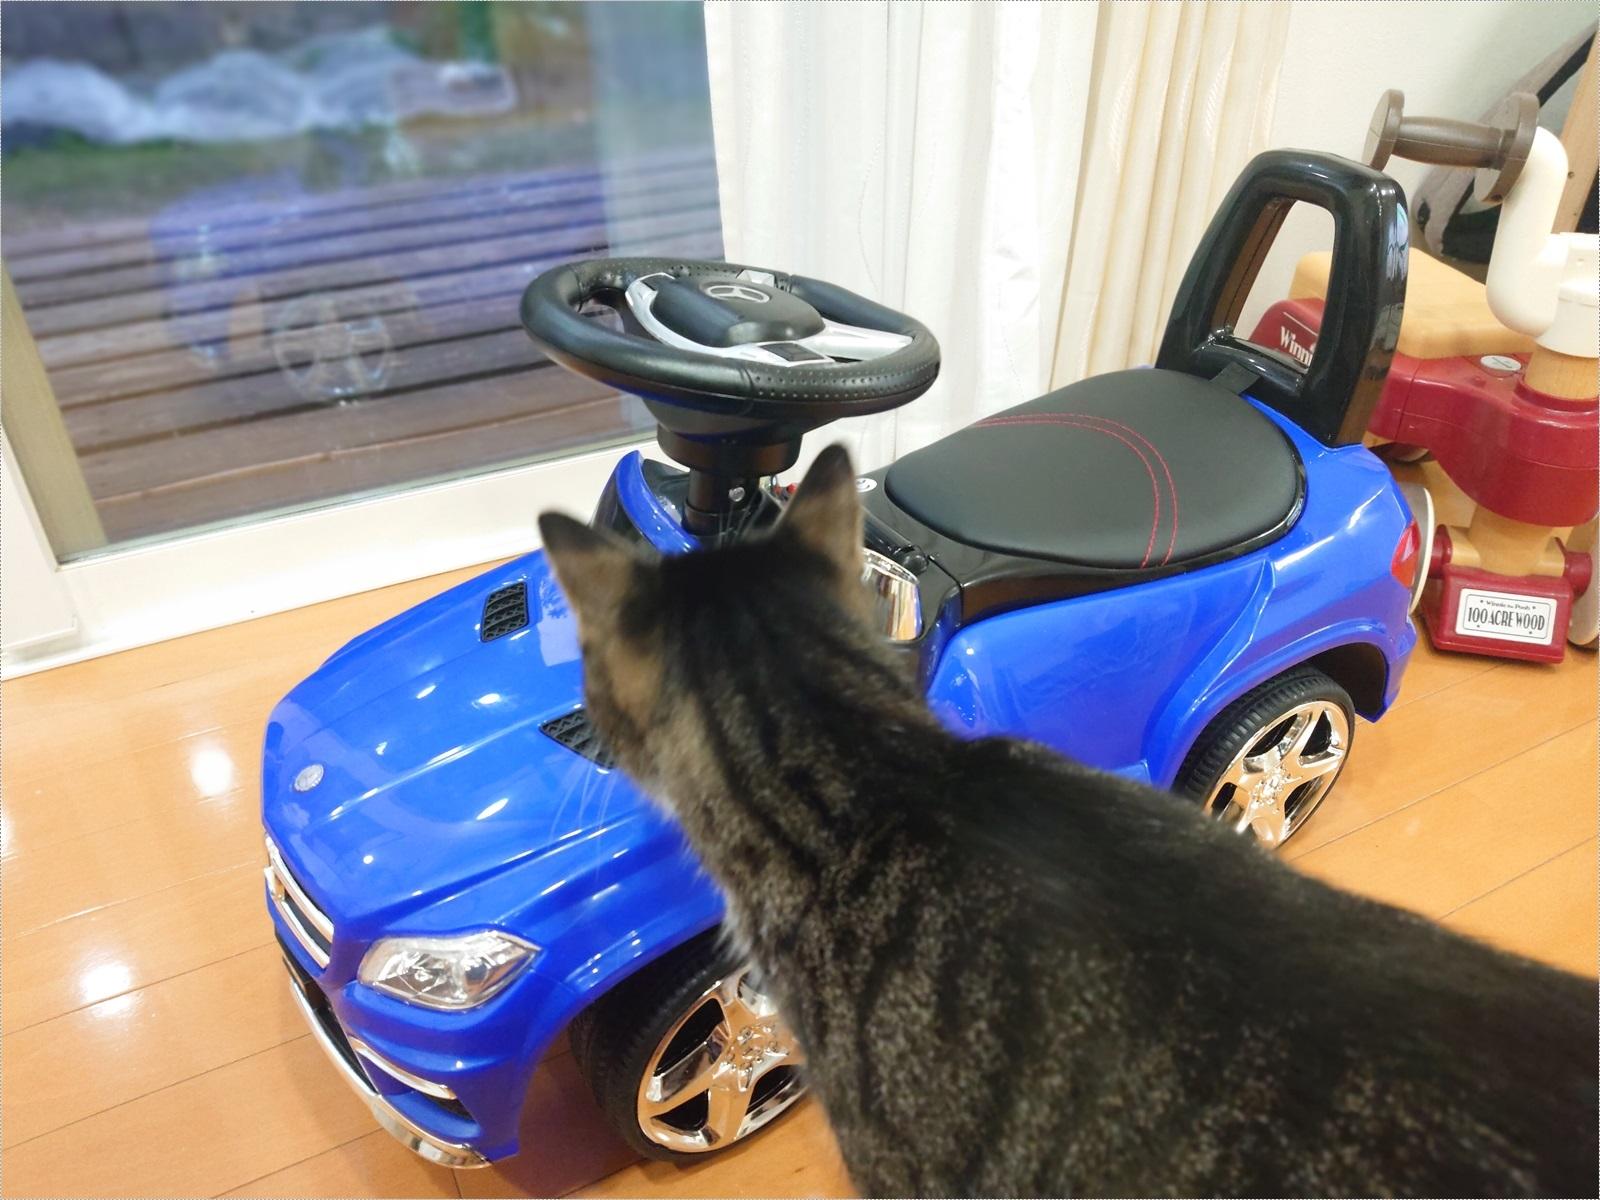 新しい車のおもちゃに興味津々のぽんちゃん。 ひかれないようにね!